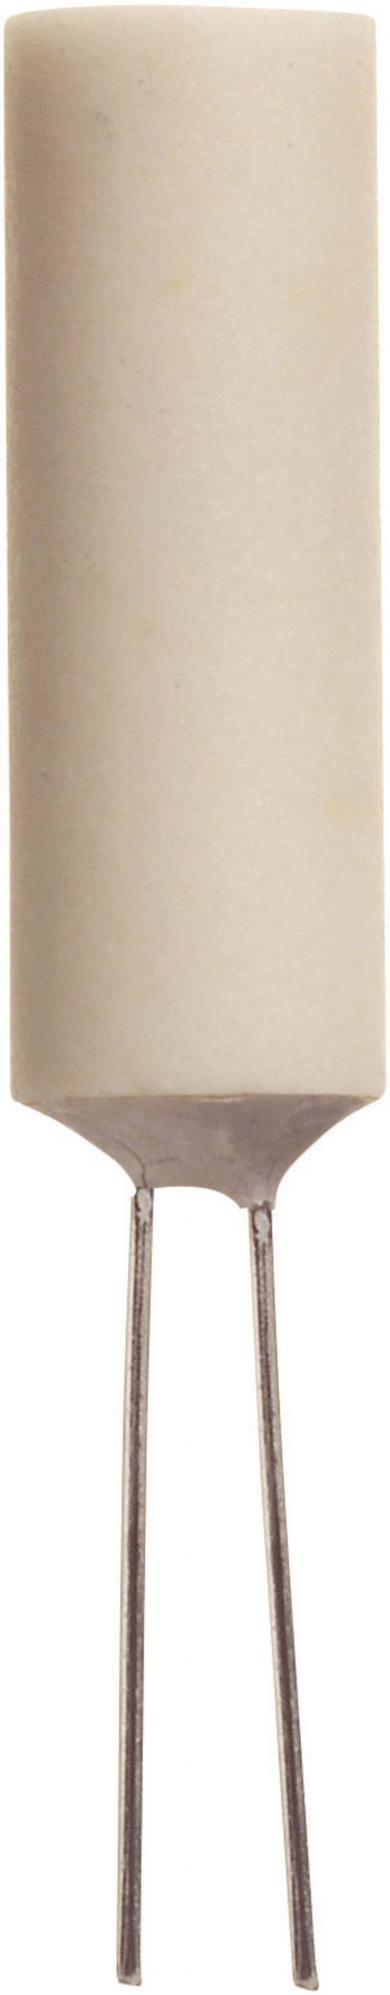 Senzor de temperatură platină în manşon de ceramică MR828 Heraeus nr. 32 209 340